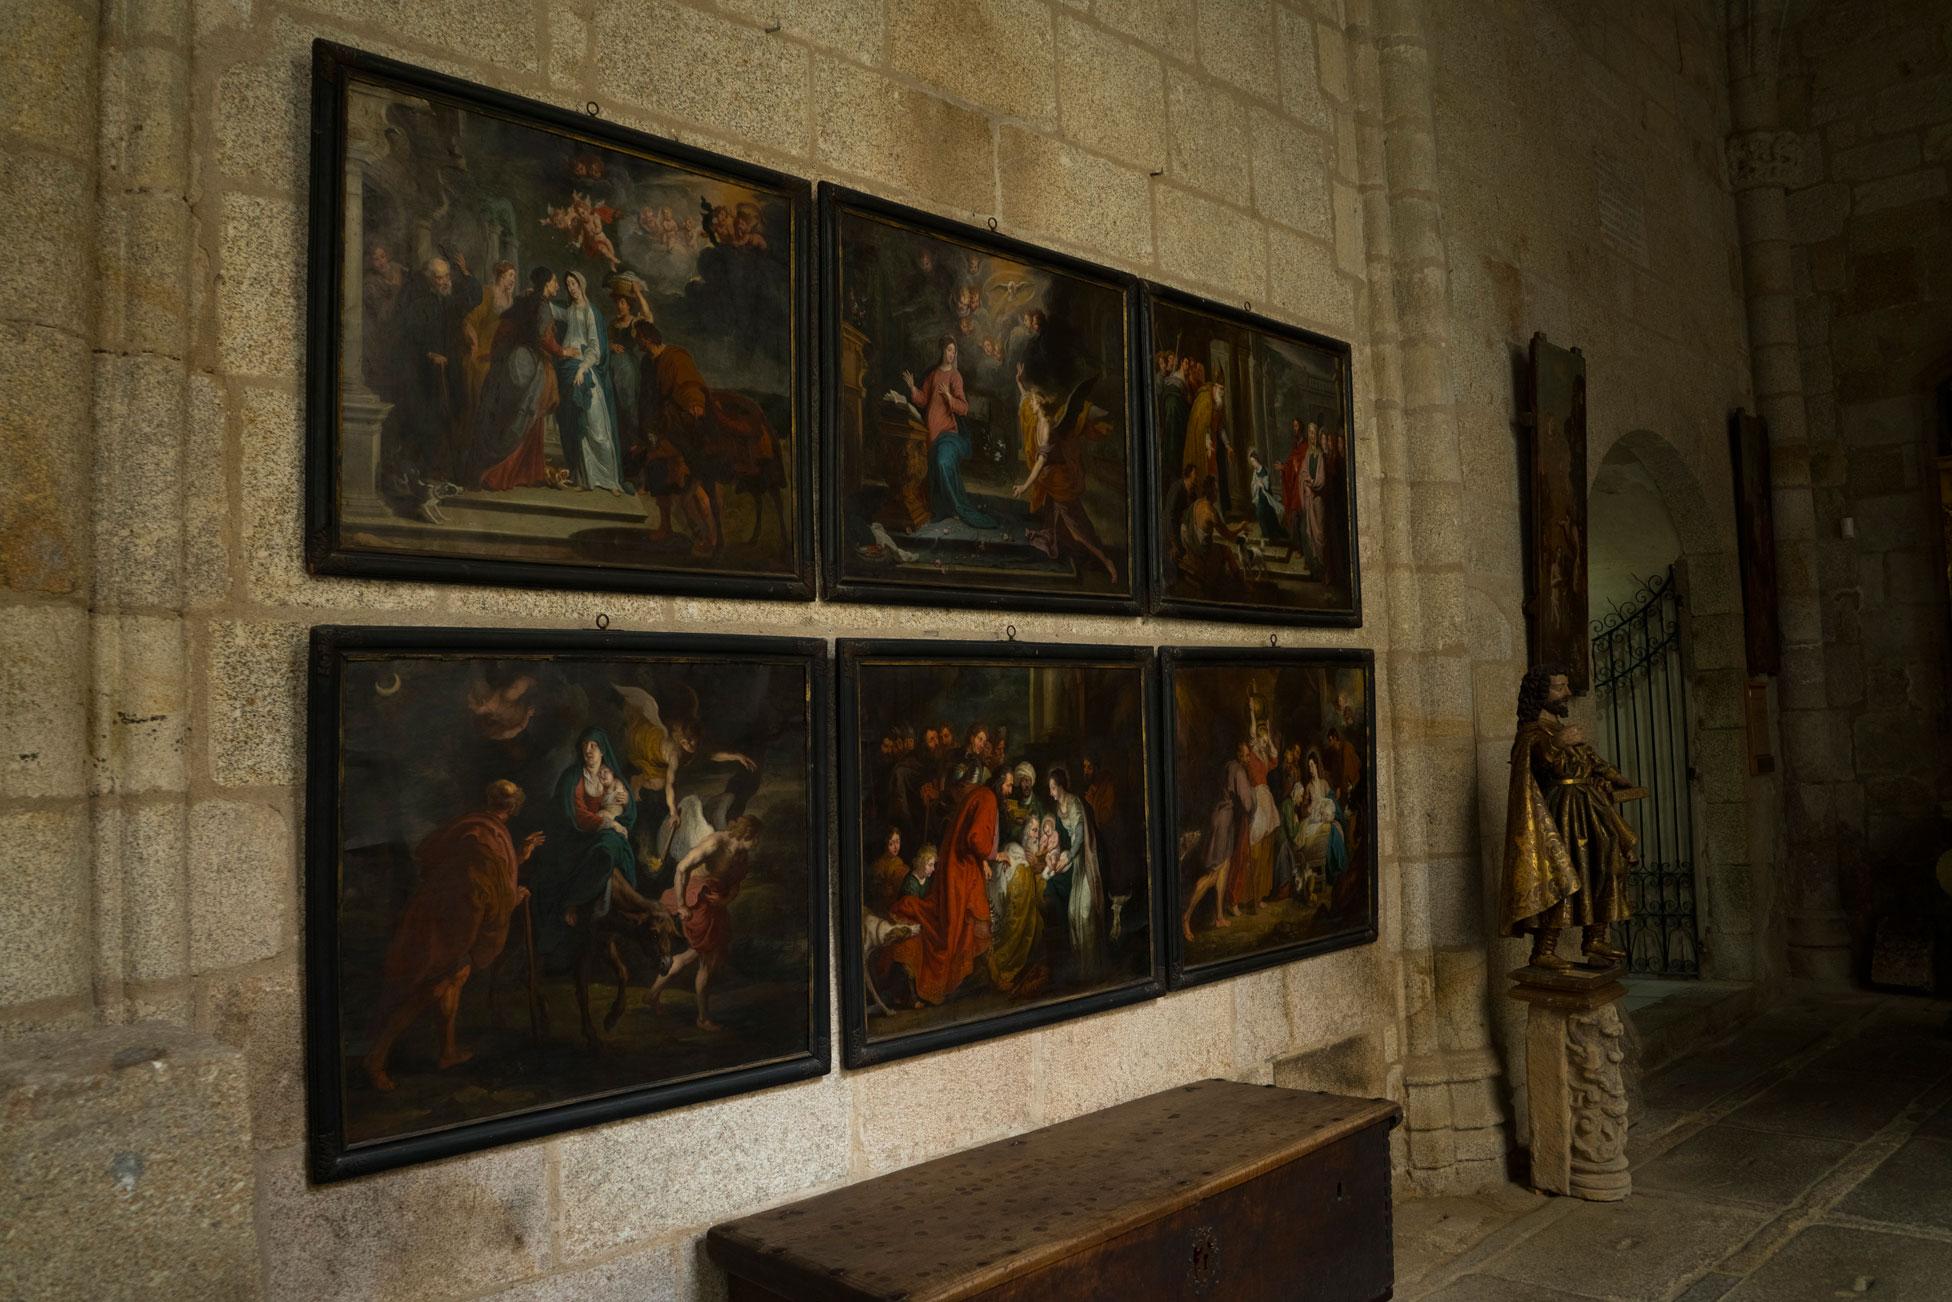 Copies of Rubens